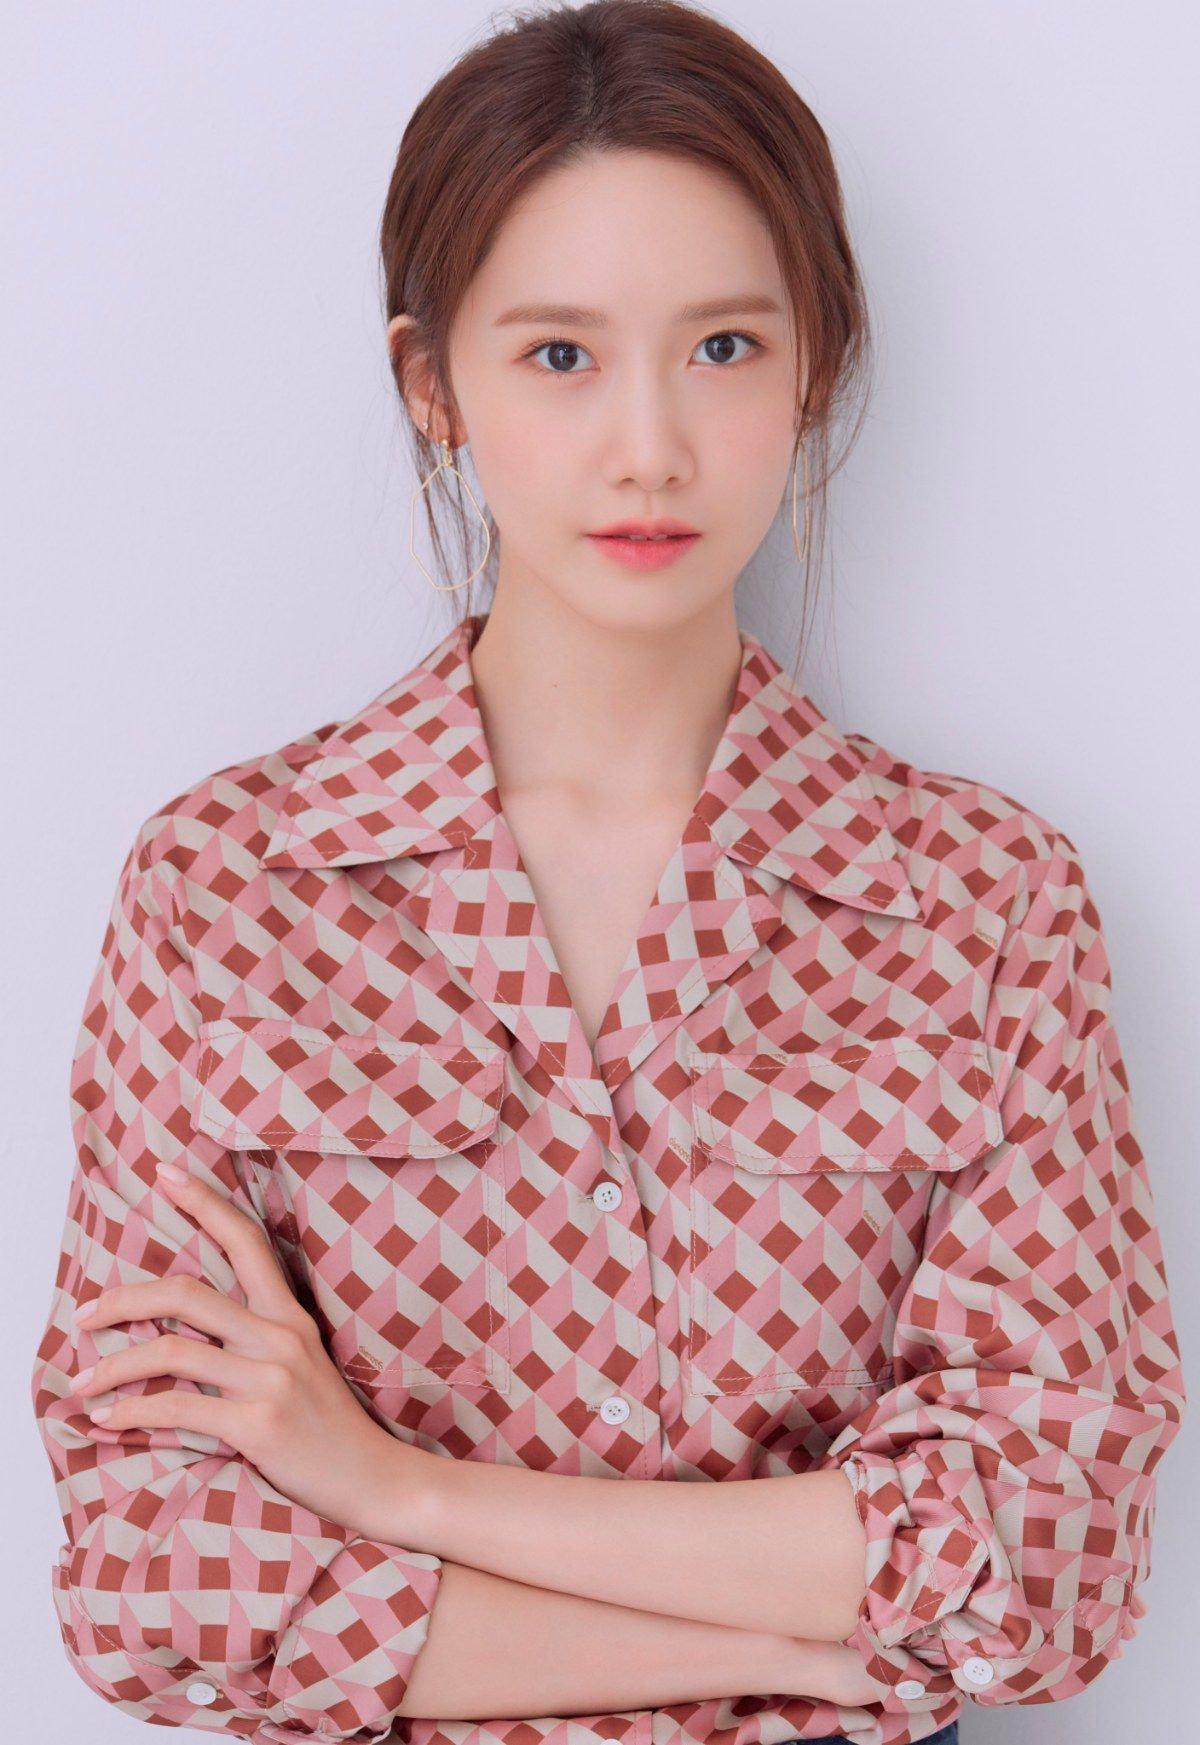 Loạt nước hoa chân ái của Yoona có gì đặc biệt mà 1 trong số đó khiến Công nương Kate mê mẩn mãi không dứt - Ảnh 1.